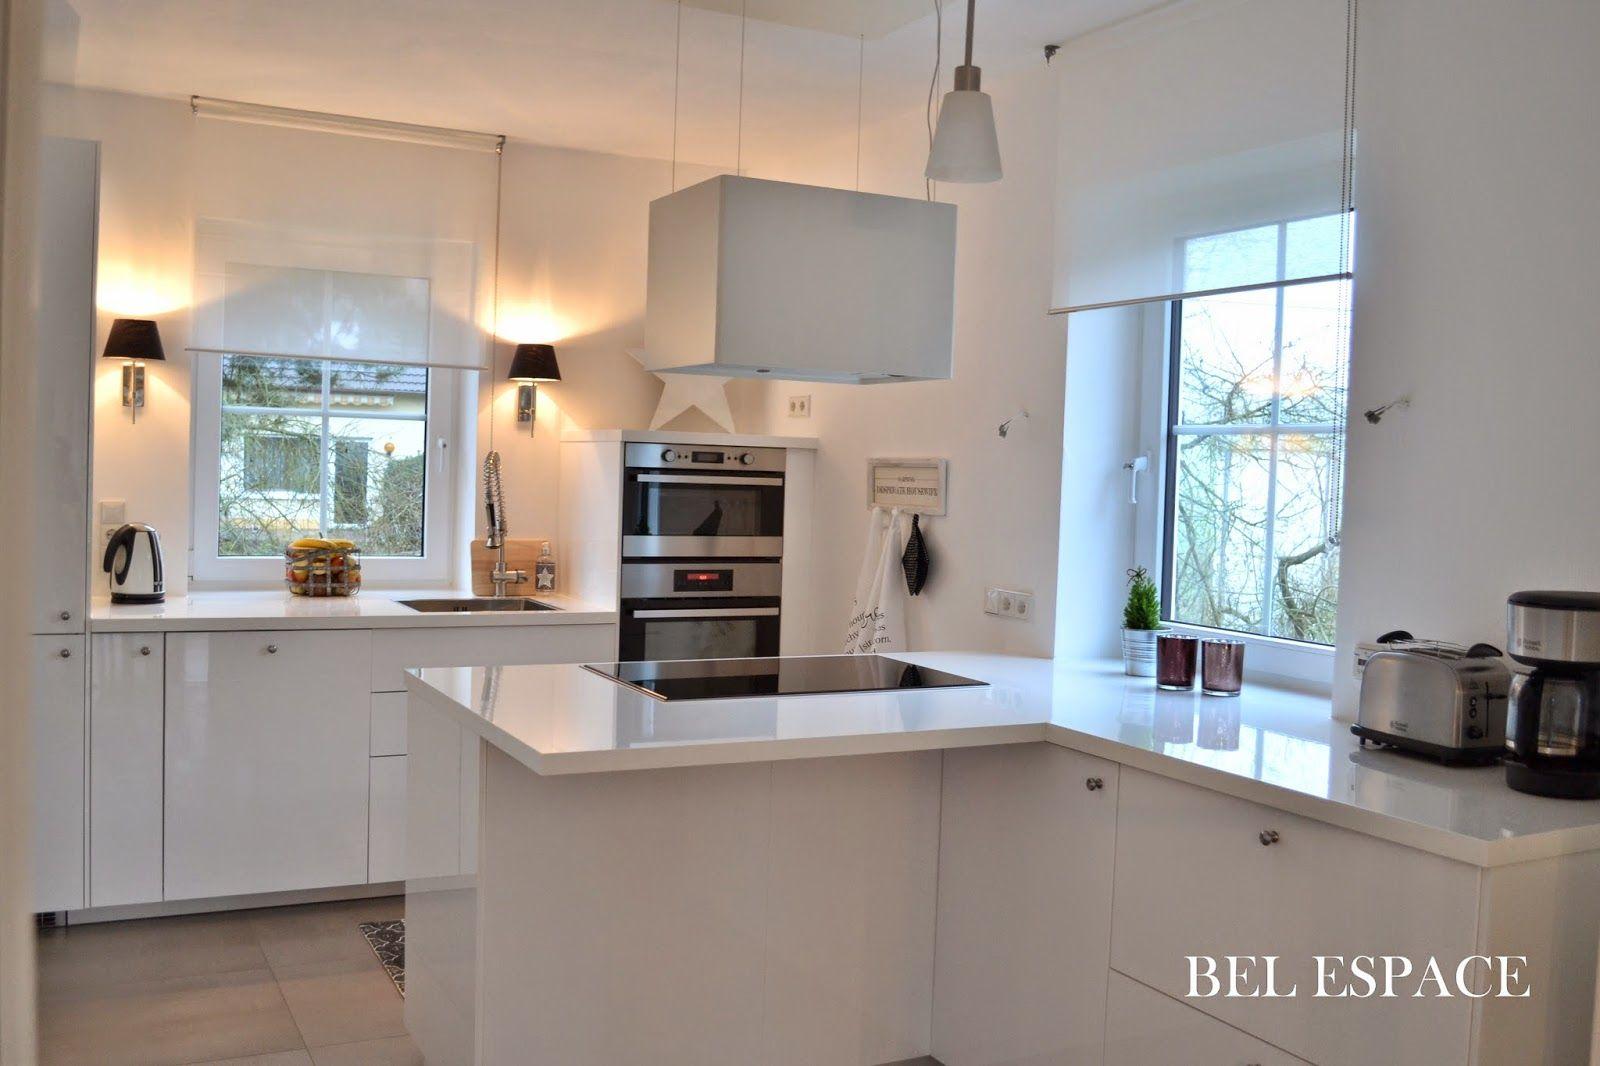 Niedlich Handgemachte Kücheninsel Einheiten Bilder - Küchenschrank ...